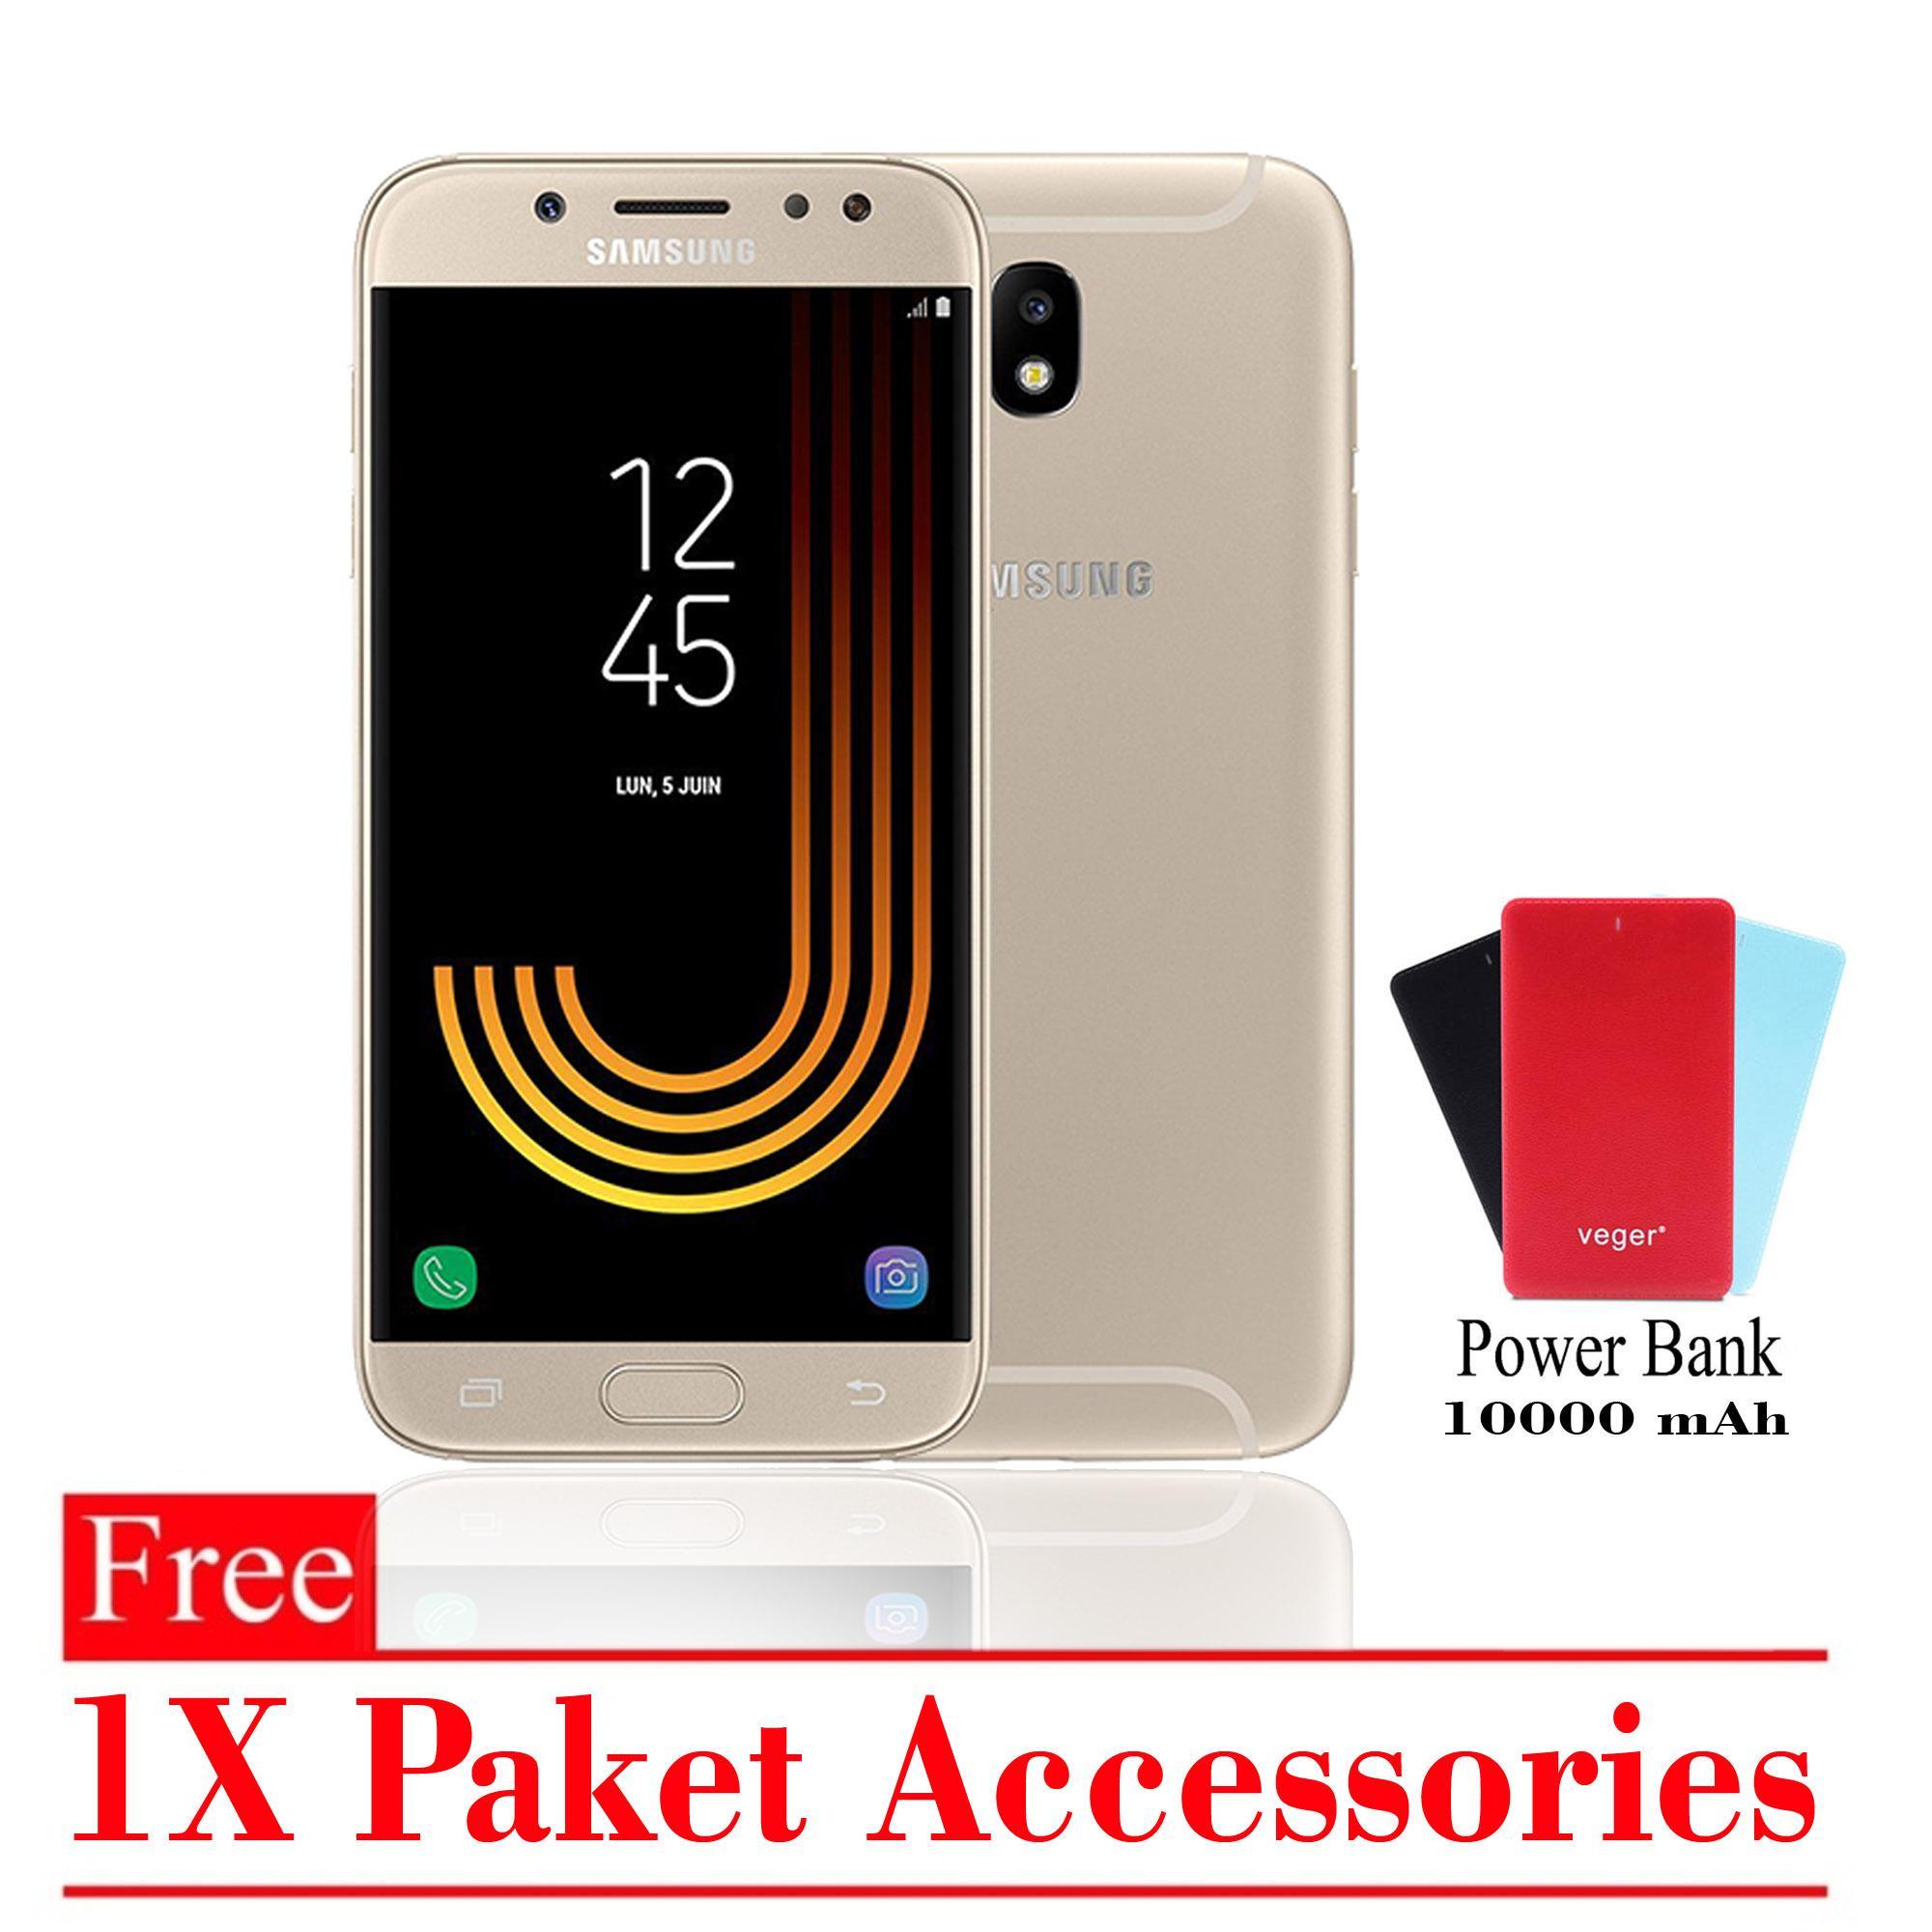 Samsung Galaxy J5 Pro Ram 3GB 32GB Free 1x Paket Accessories Smartphone